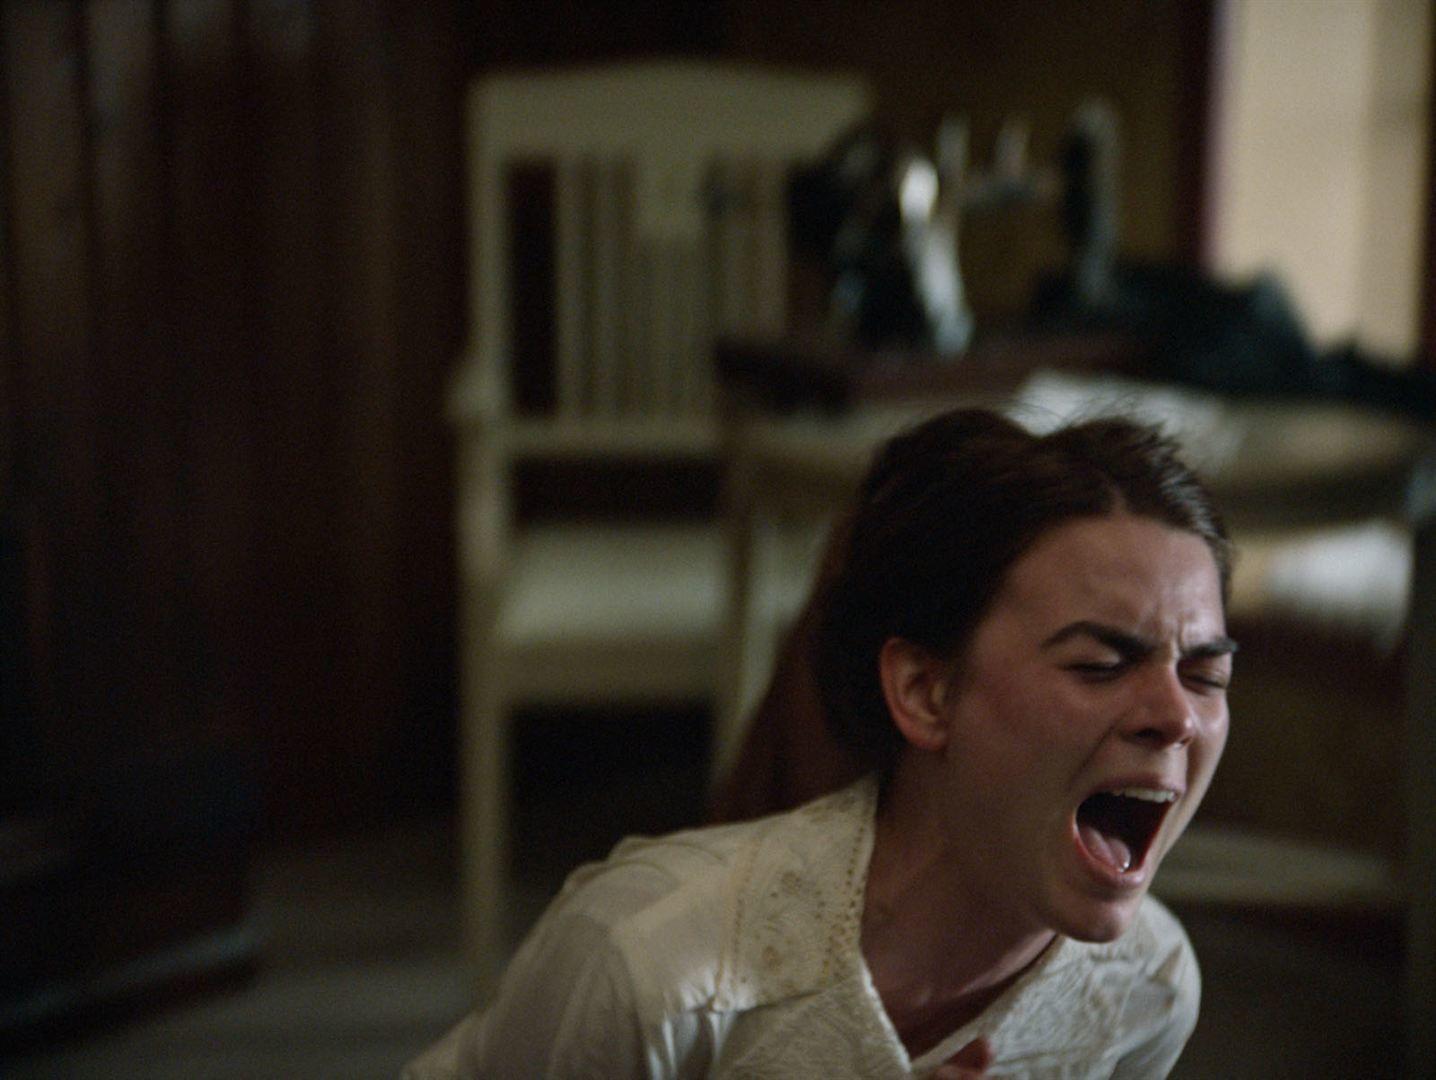 A Serious Game (BANDE ANNONCE) de Pernilla August - Le 7 juin 2017 au cinéma